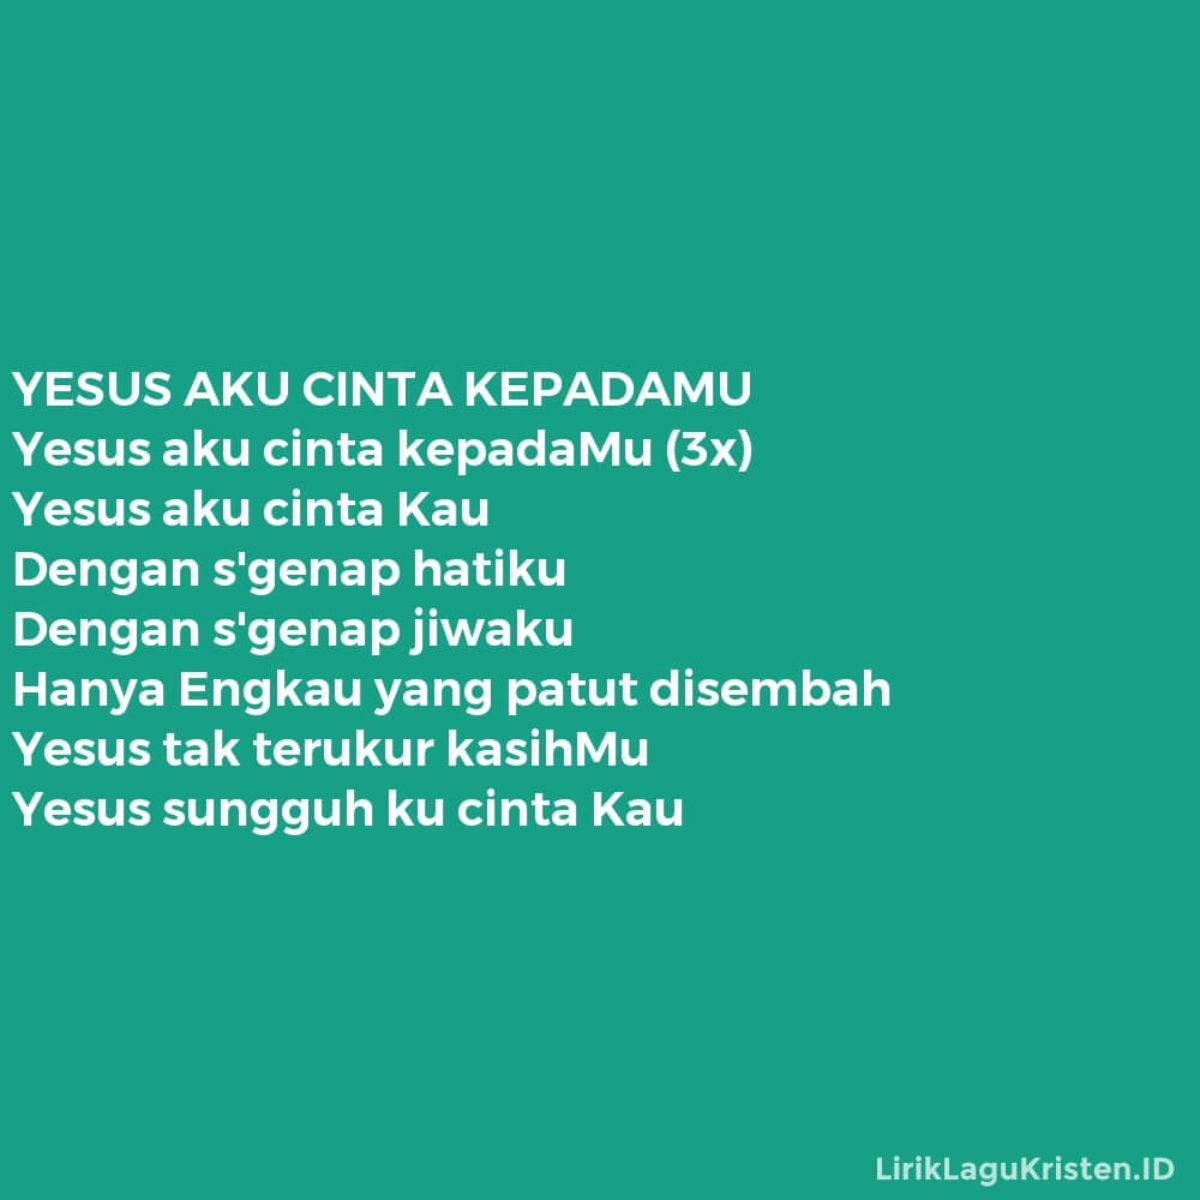 Yesus Aku Cinta Kepadamu Lirik Lagu Kristen